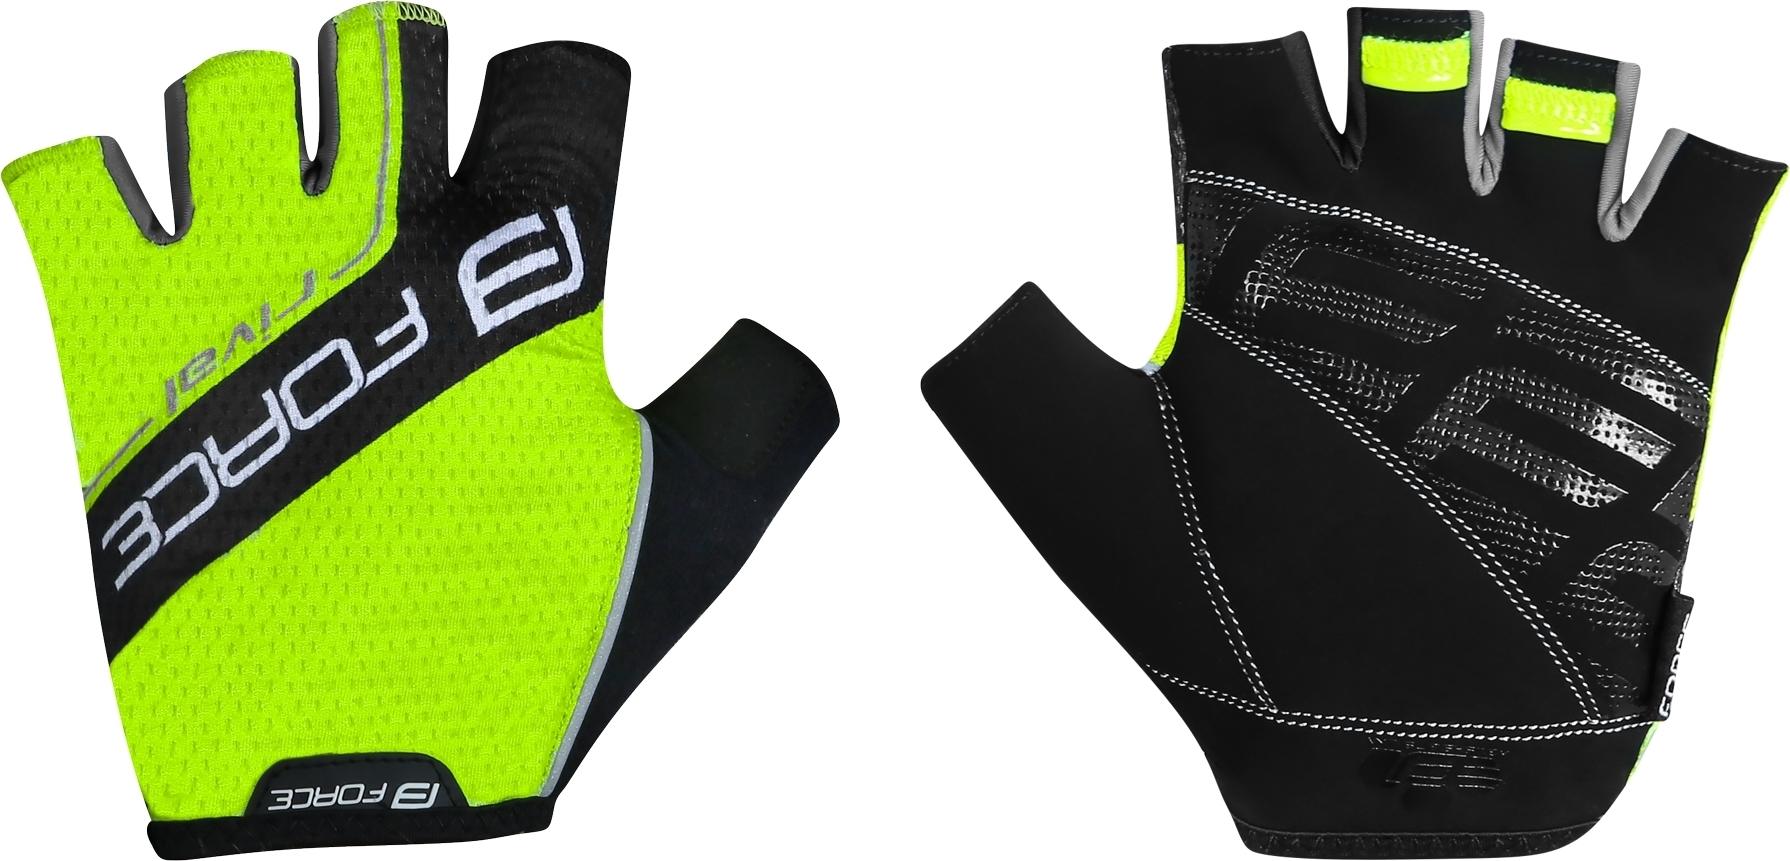 rukavice FORCE RIVAL, fluo-černé Velikost: M